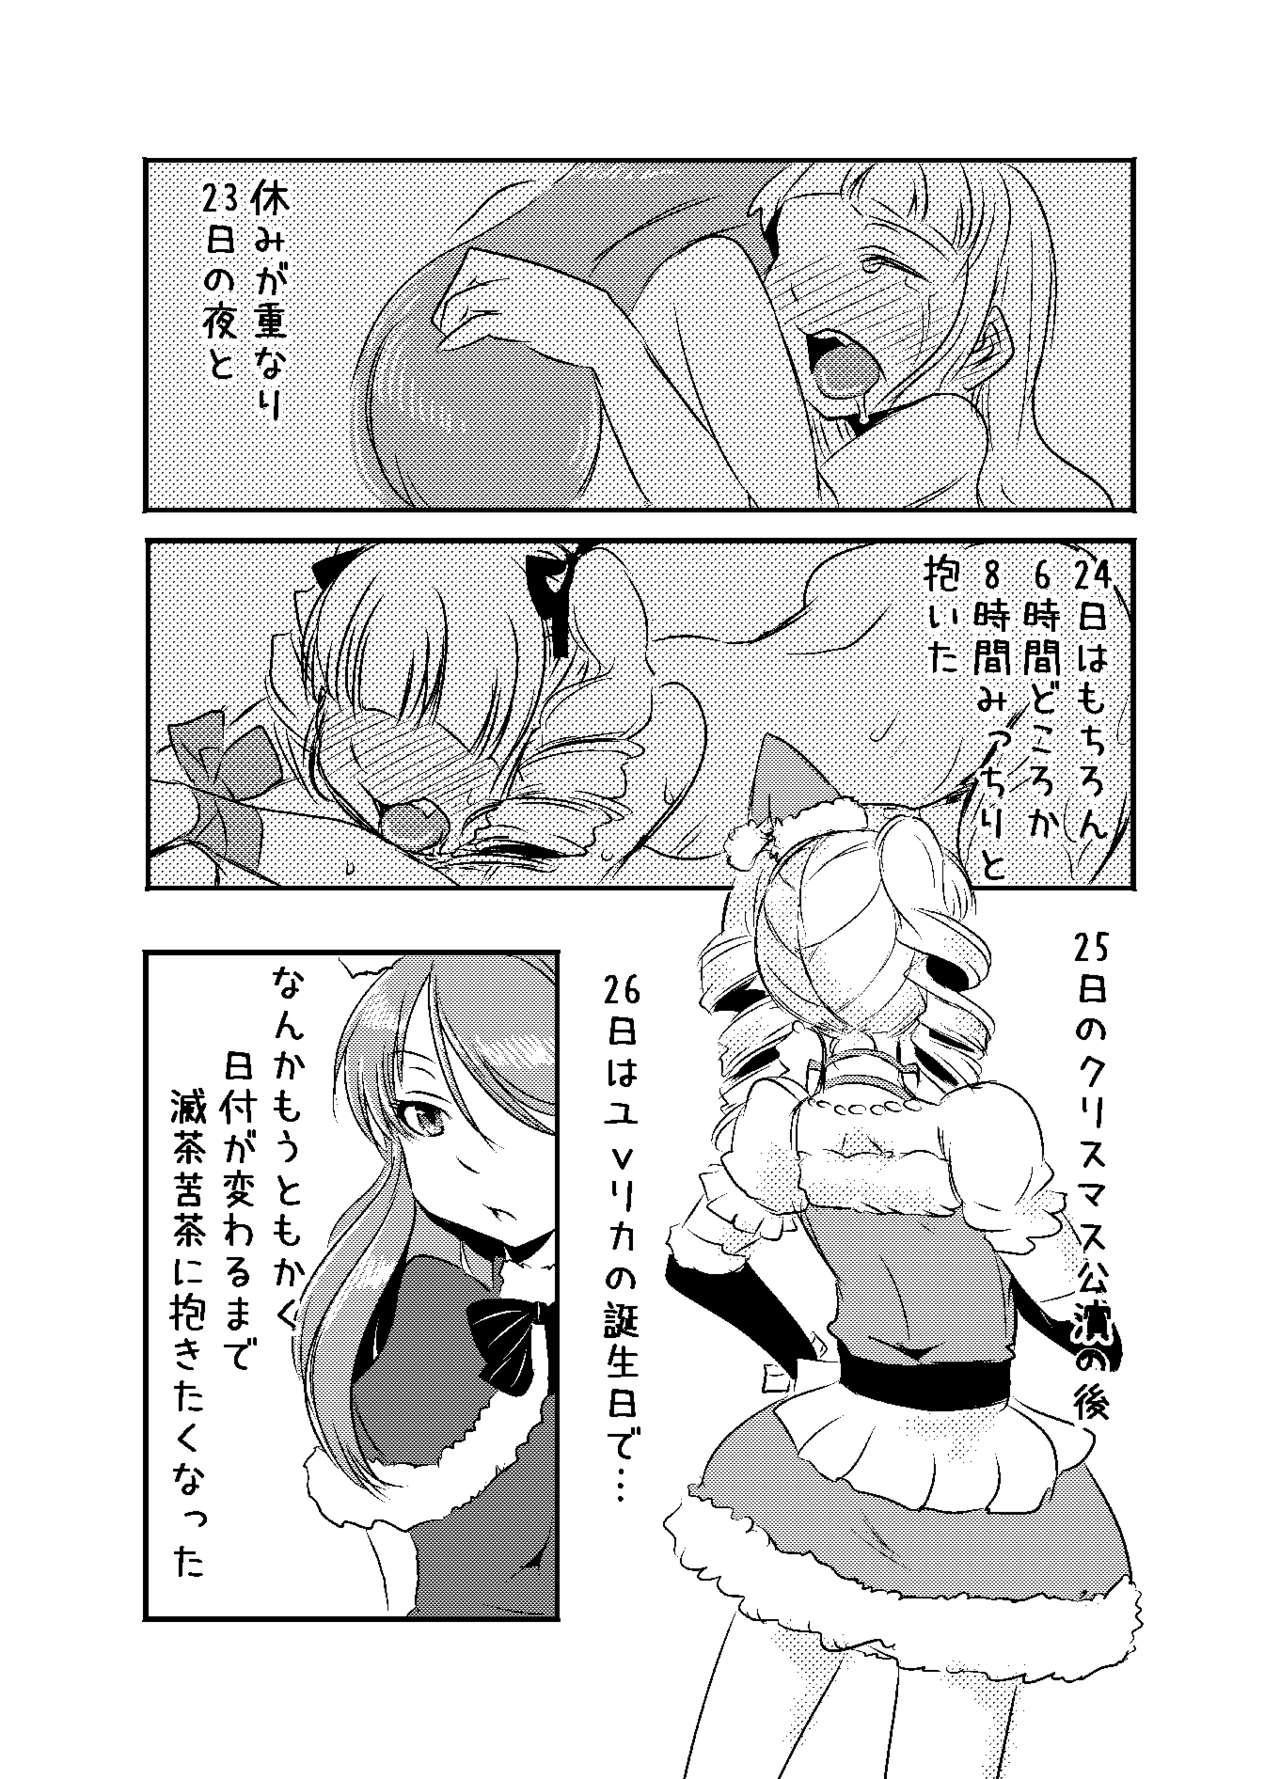 RanYuri no Nenmatsunenshi Manga 0